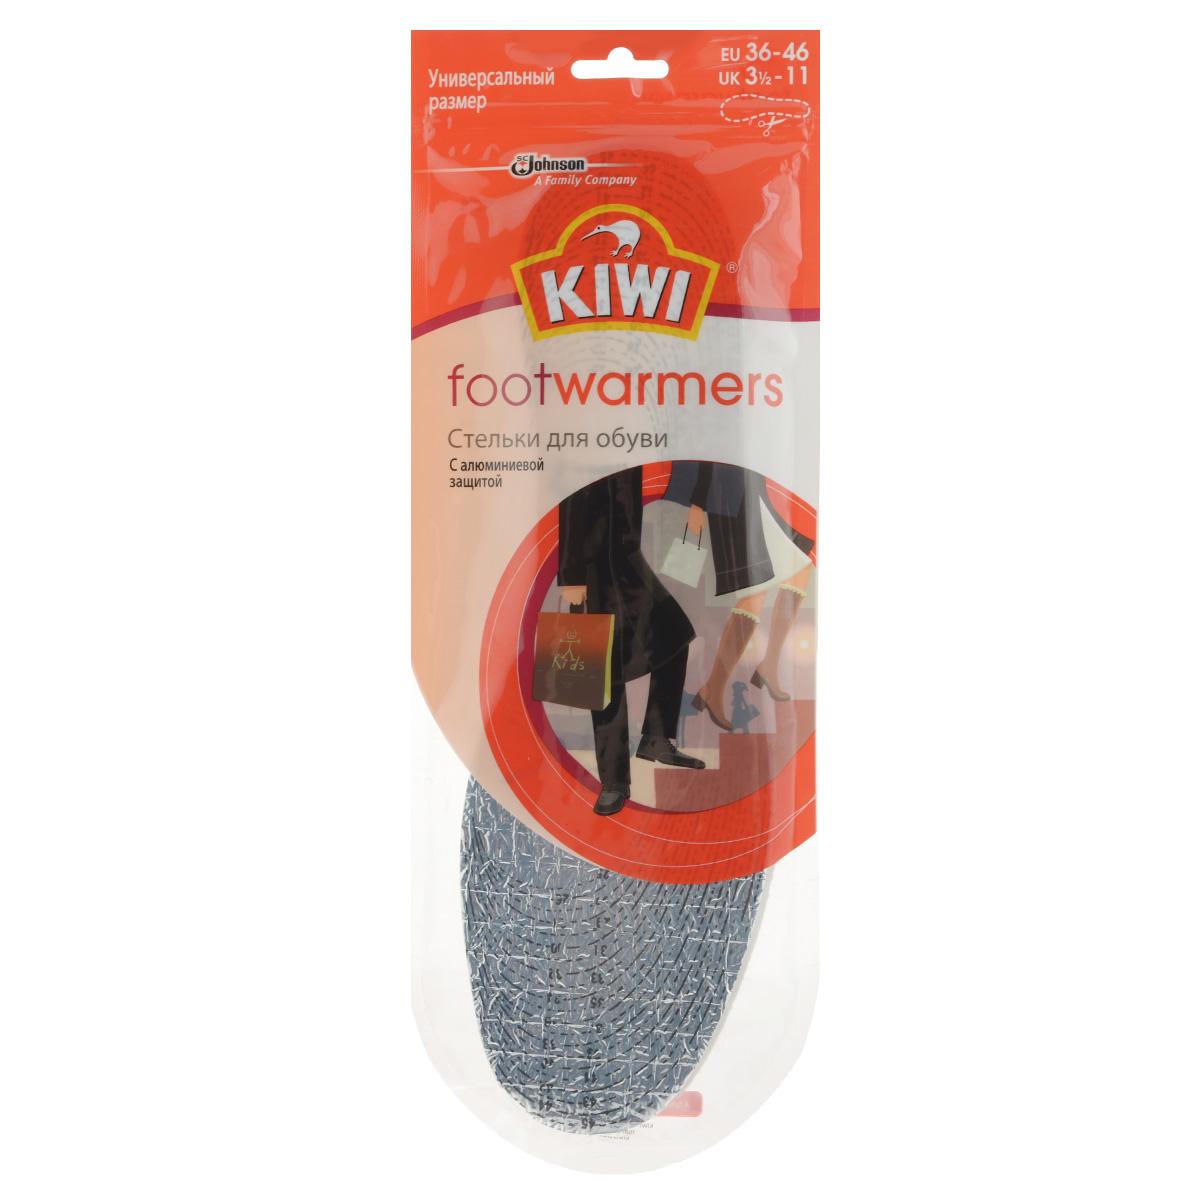 Стельки зимние Kiwi FootWarmers, с алюминиевой прослойкой632103Стельки зимние Kiwi FootWarmers помогают сохранить ваши ноги в тепле в холодную погоду. Воздушная прослойка, расположенная между двумя алюминиевыми слоями, обеспечивает эффективную защиту от холода. Подходит для всех типов обуви.Размер универсальный: 36-46.Состав: верхний слой: 60% акрил, 30% вискоза, 10% шерсть; основа: полиэтиленовая пена, алюминиевая фольга.